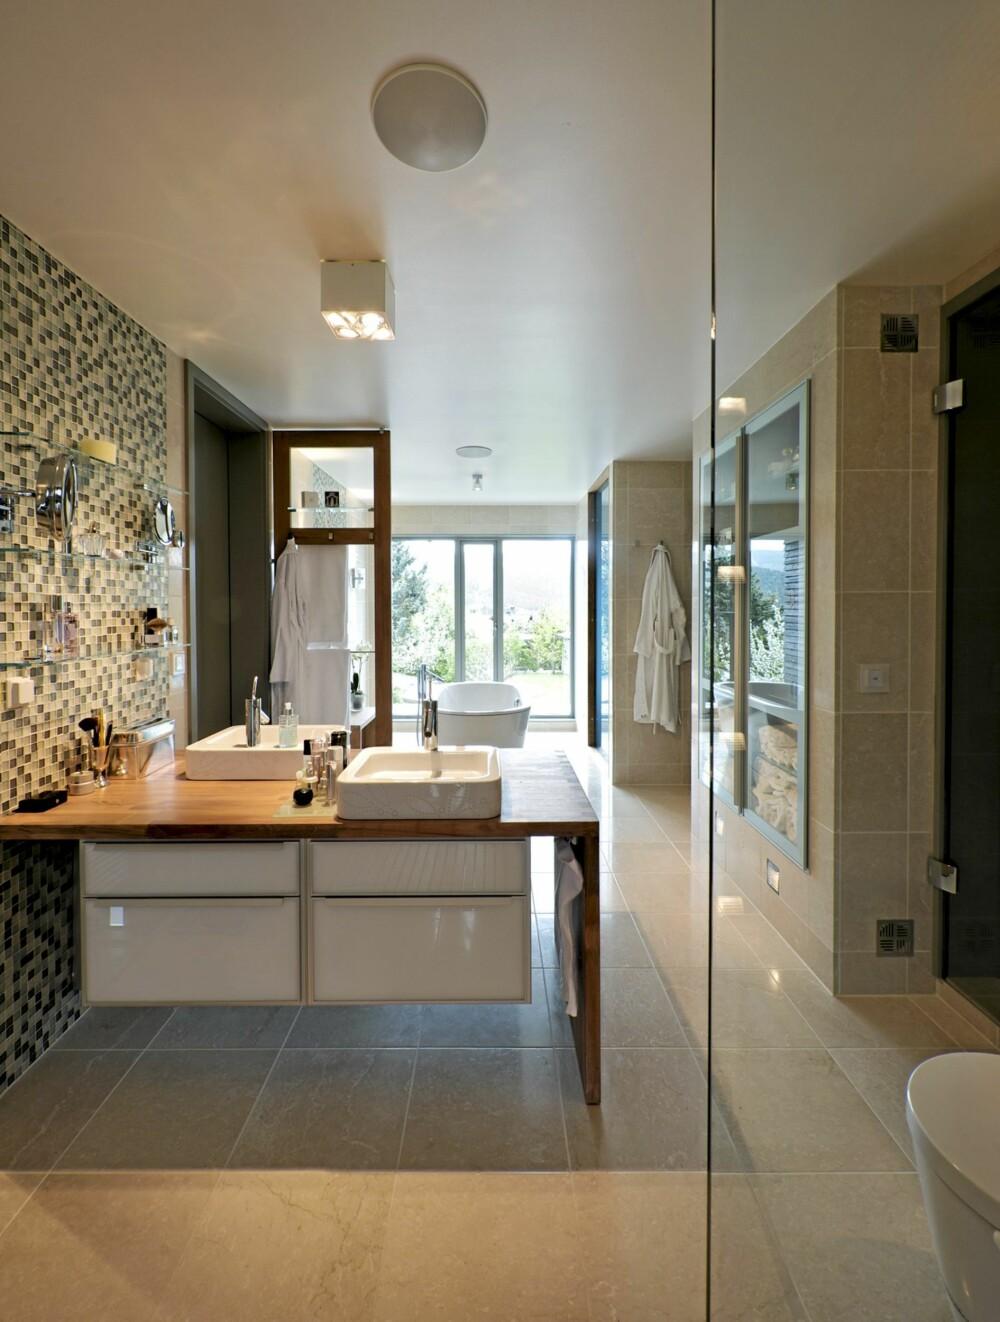 ET GJENNOMTENKT INTERIØR: Dette er et rom preget av en enkel og ren innredning, og et sofistikert lyssystem.